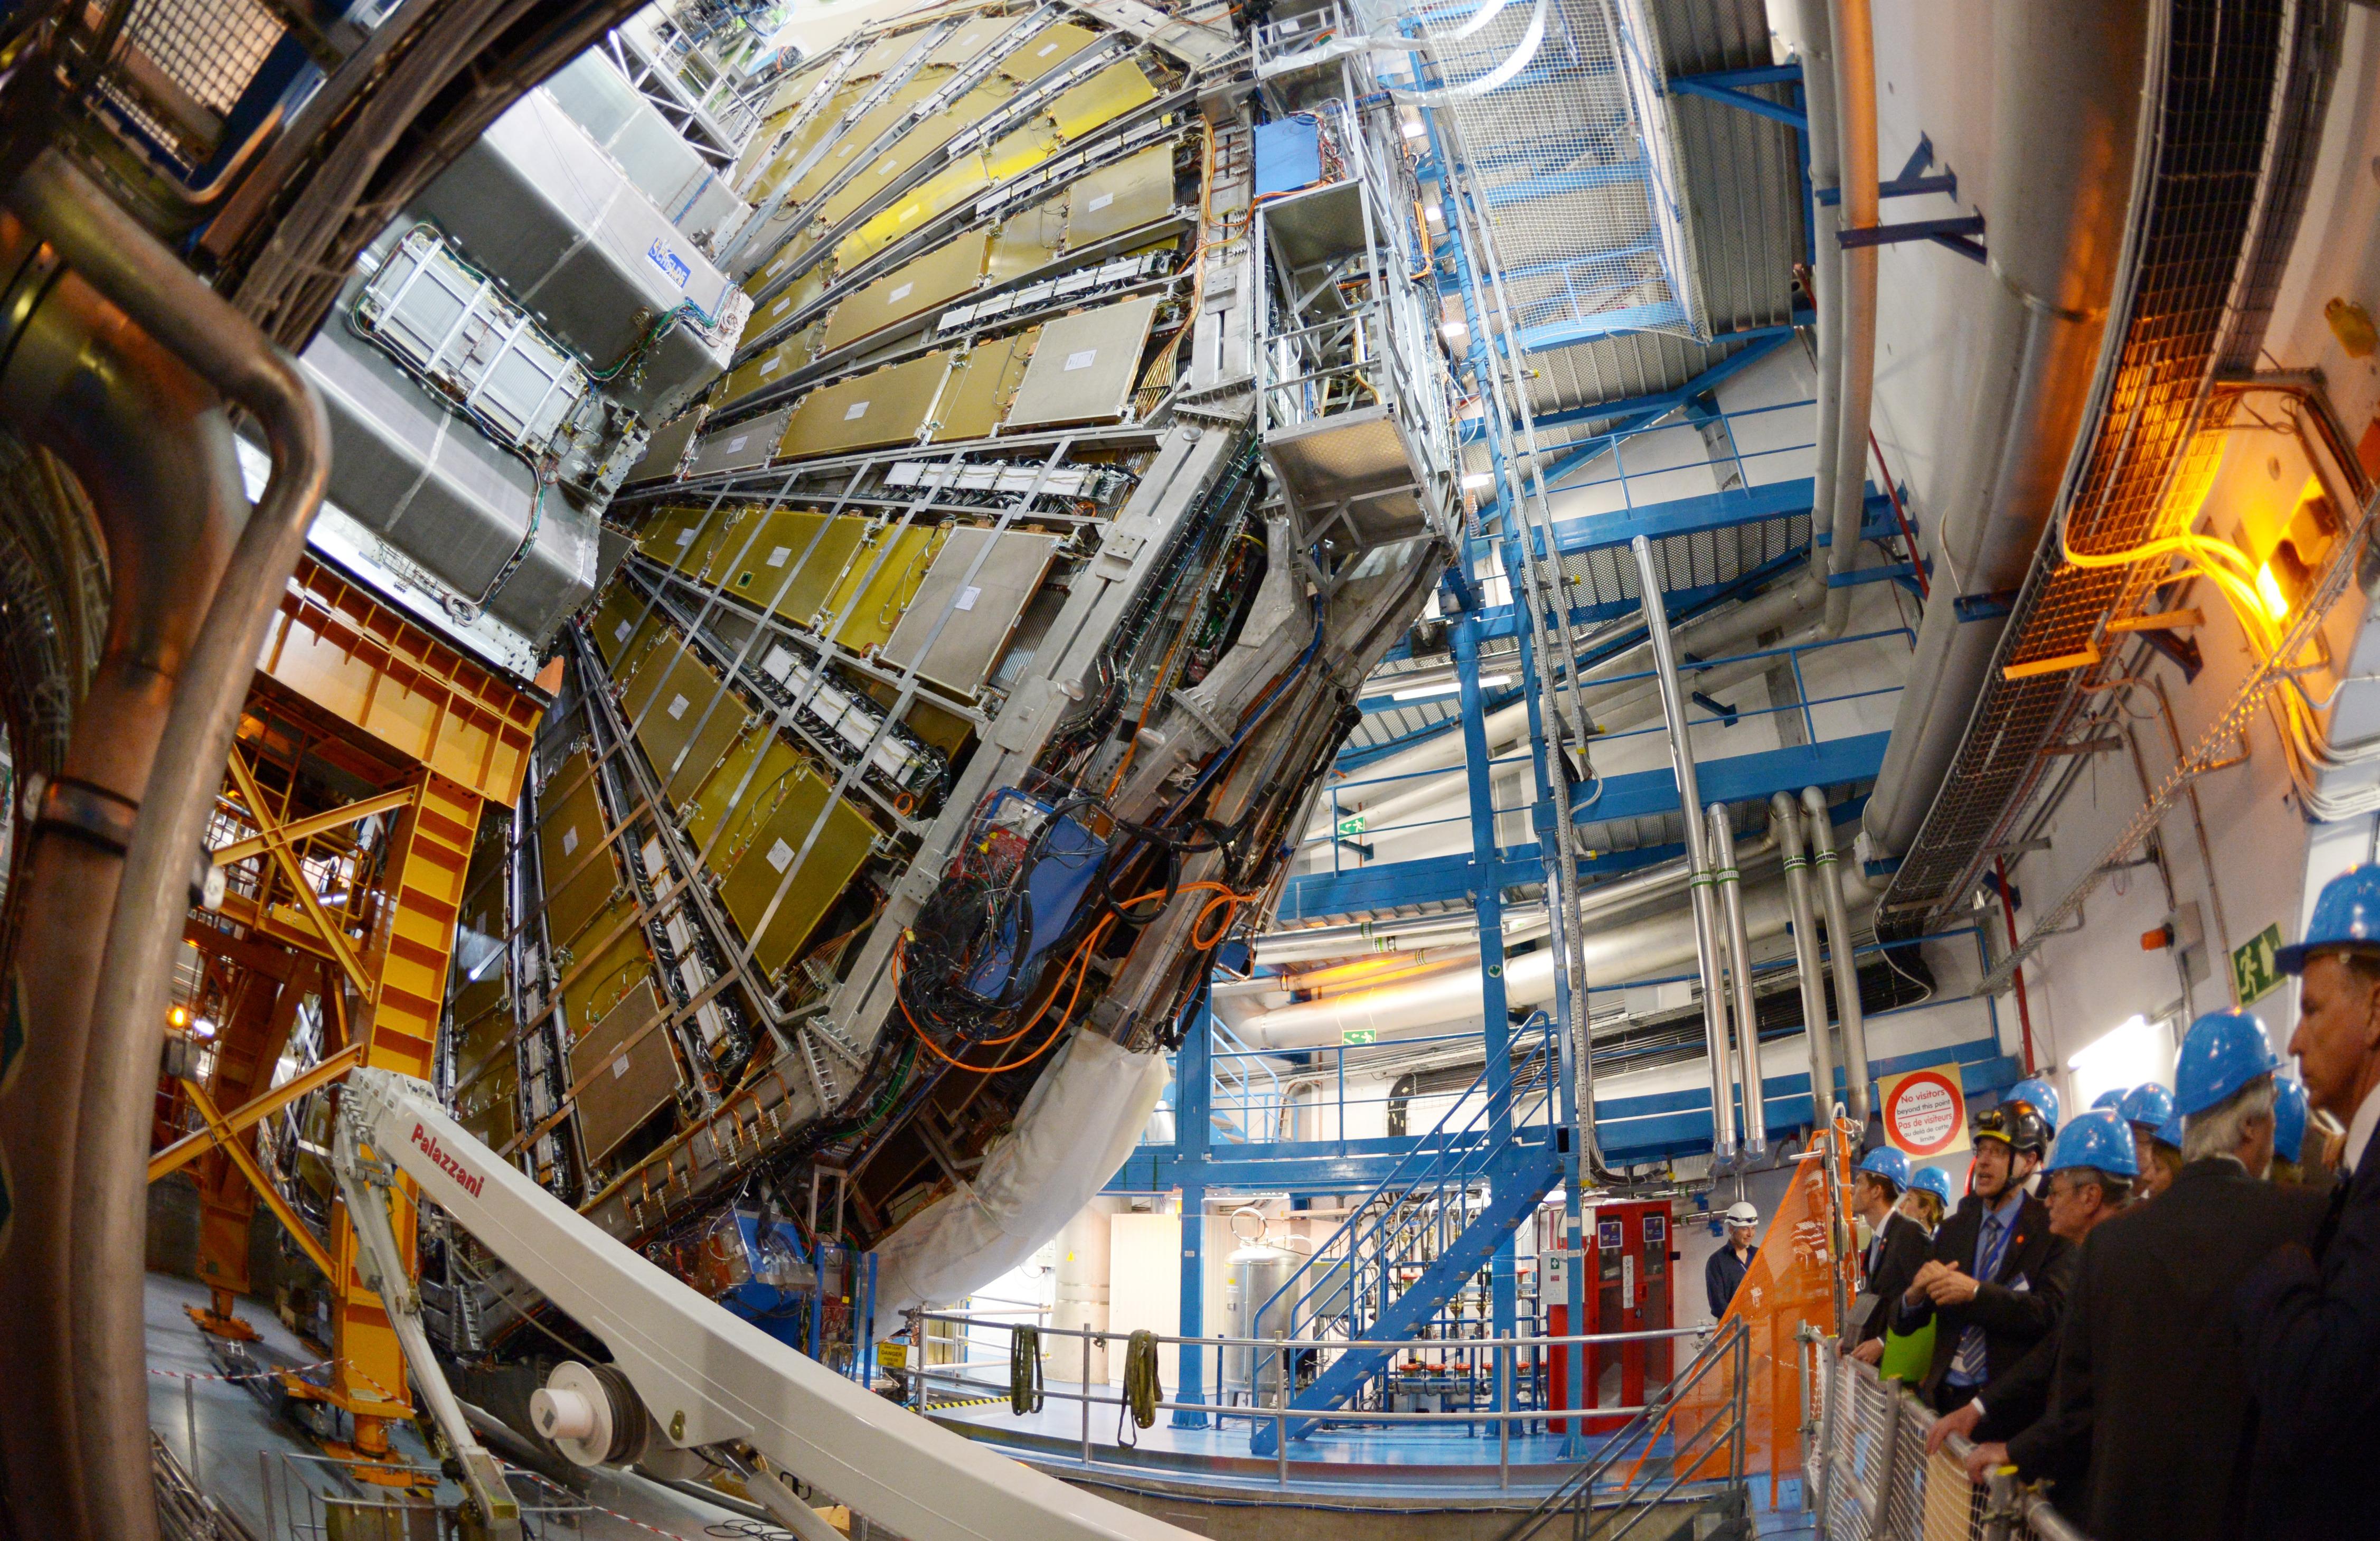 Két évre leállítják a CERN nagy hadronütköztetőjét